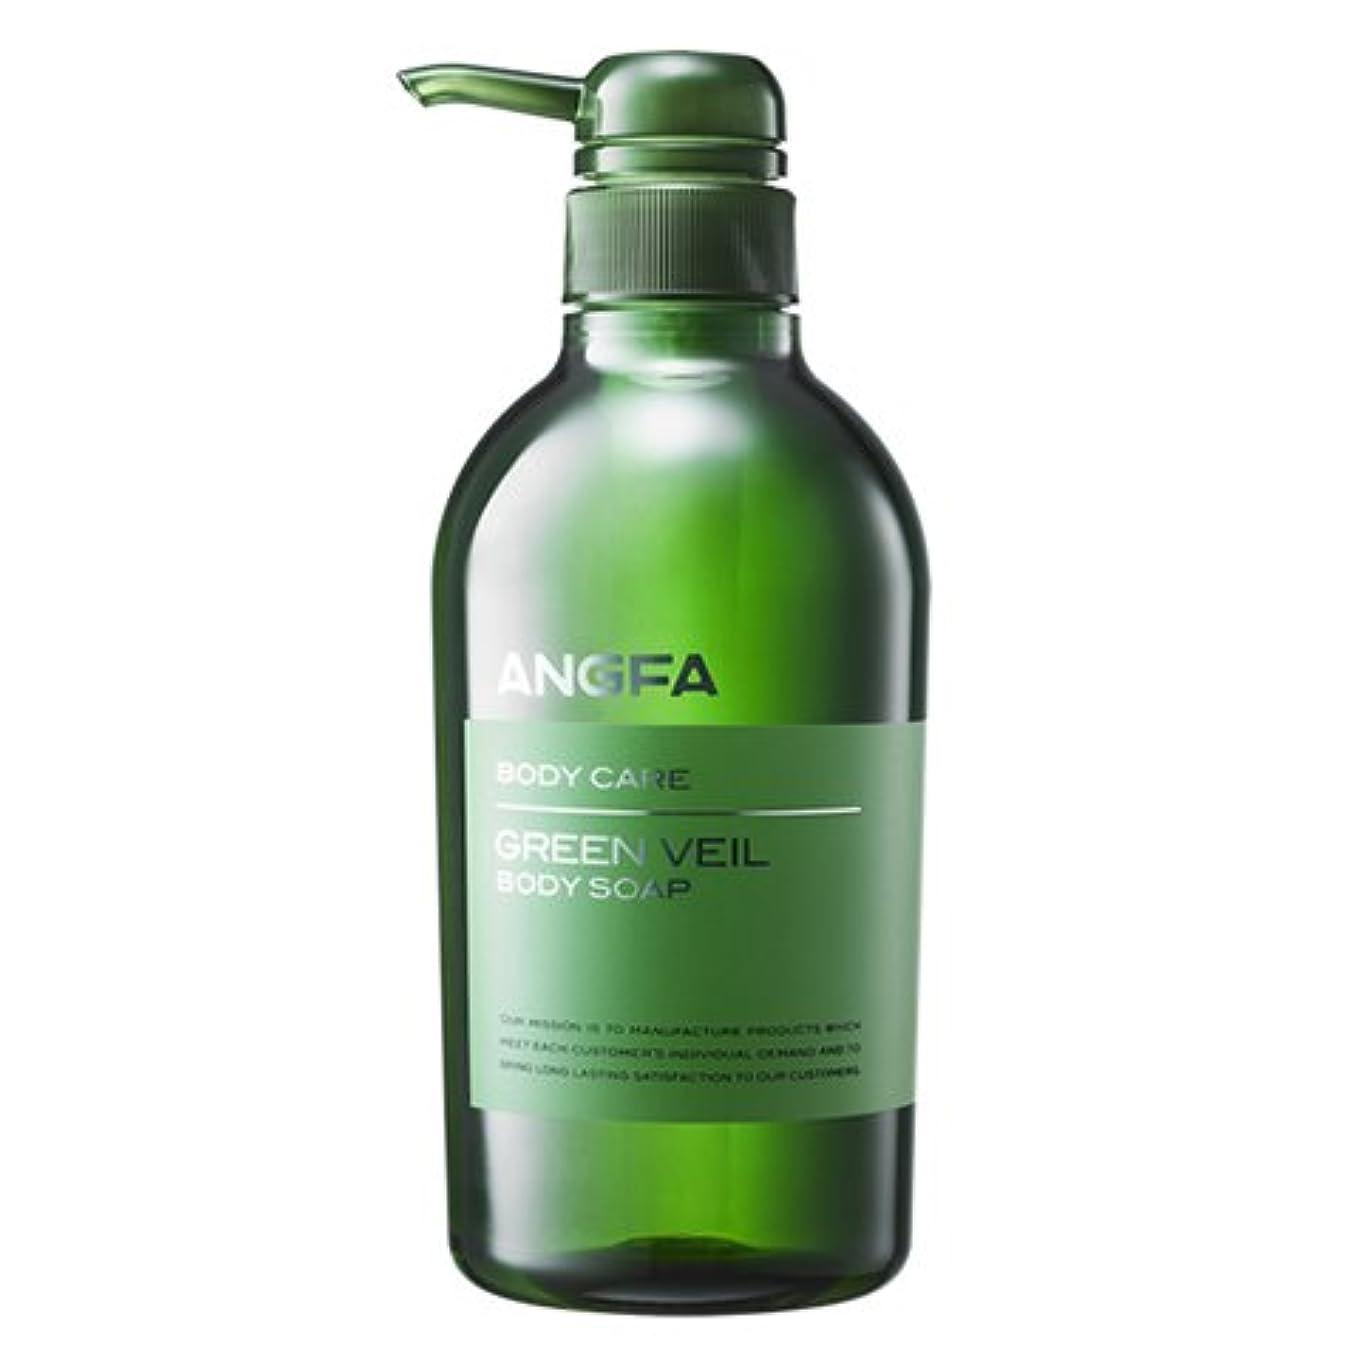 デジタルスポンサースキーアンファー (ANGFA) グリーンベール 薬用ボディソープ 500ml グリーンフローラル [乾燥?保湿] かゆみ肌